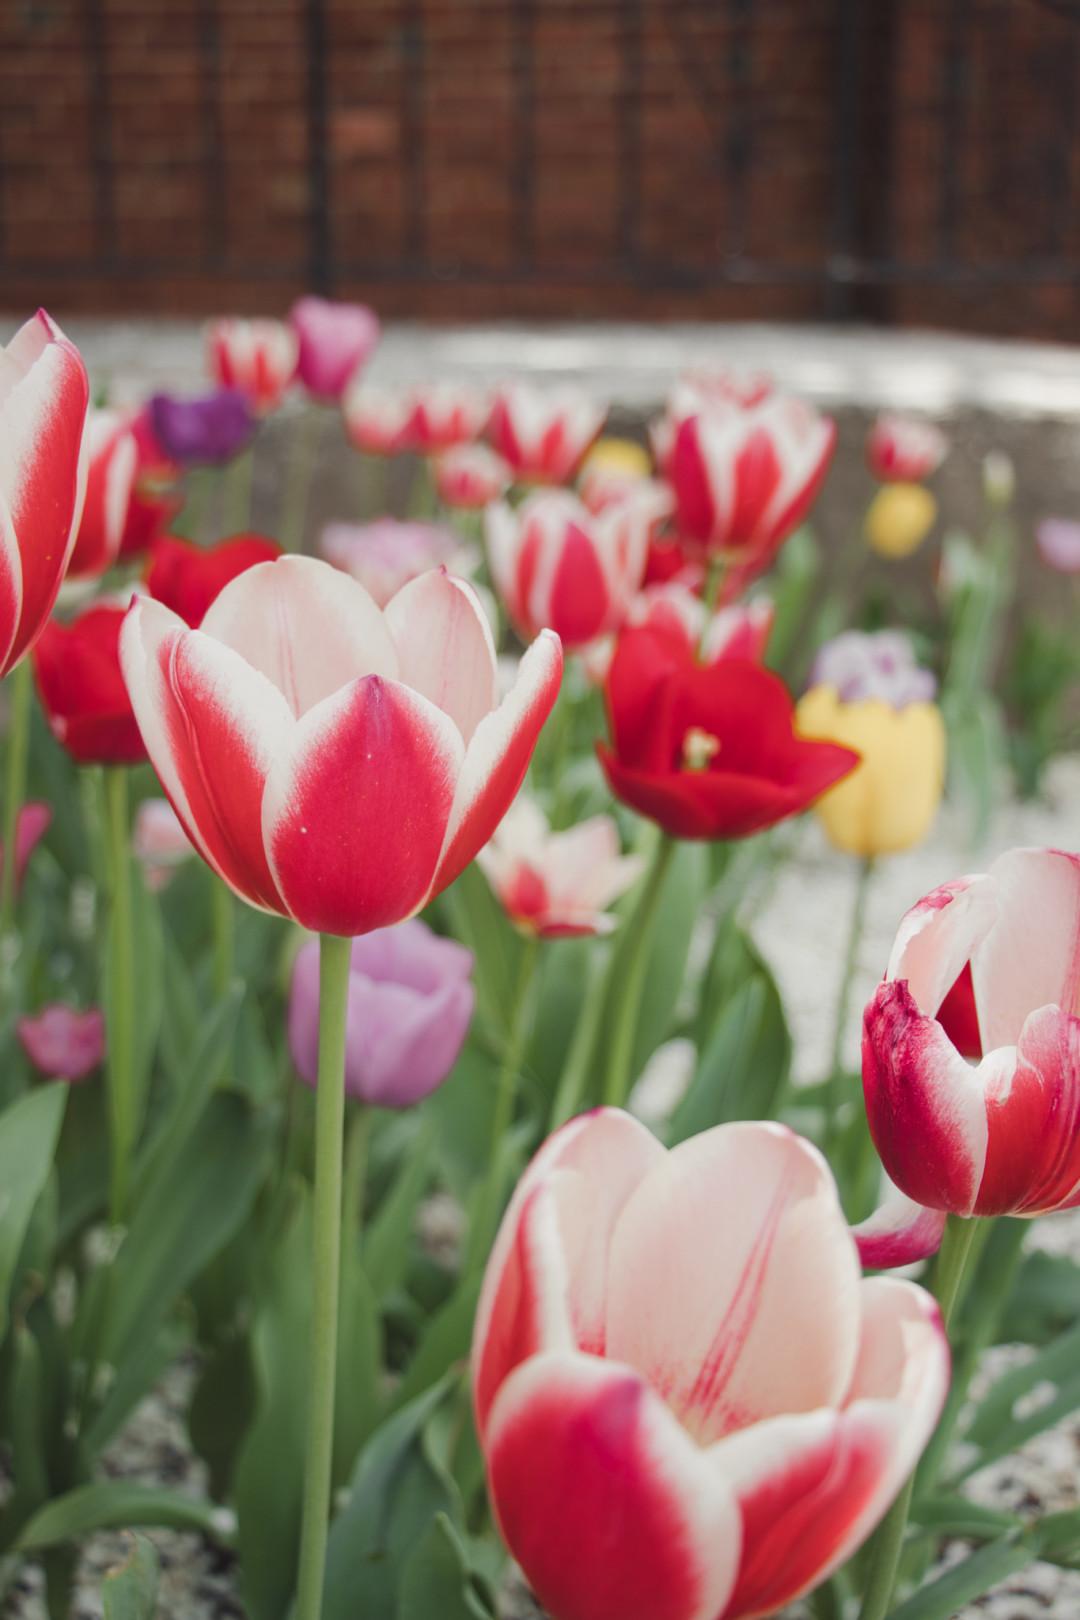 Tulips at Yale University